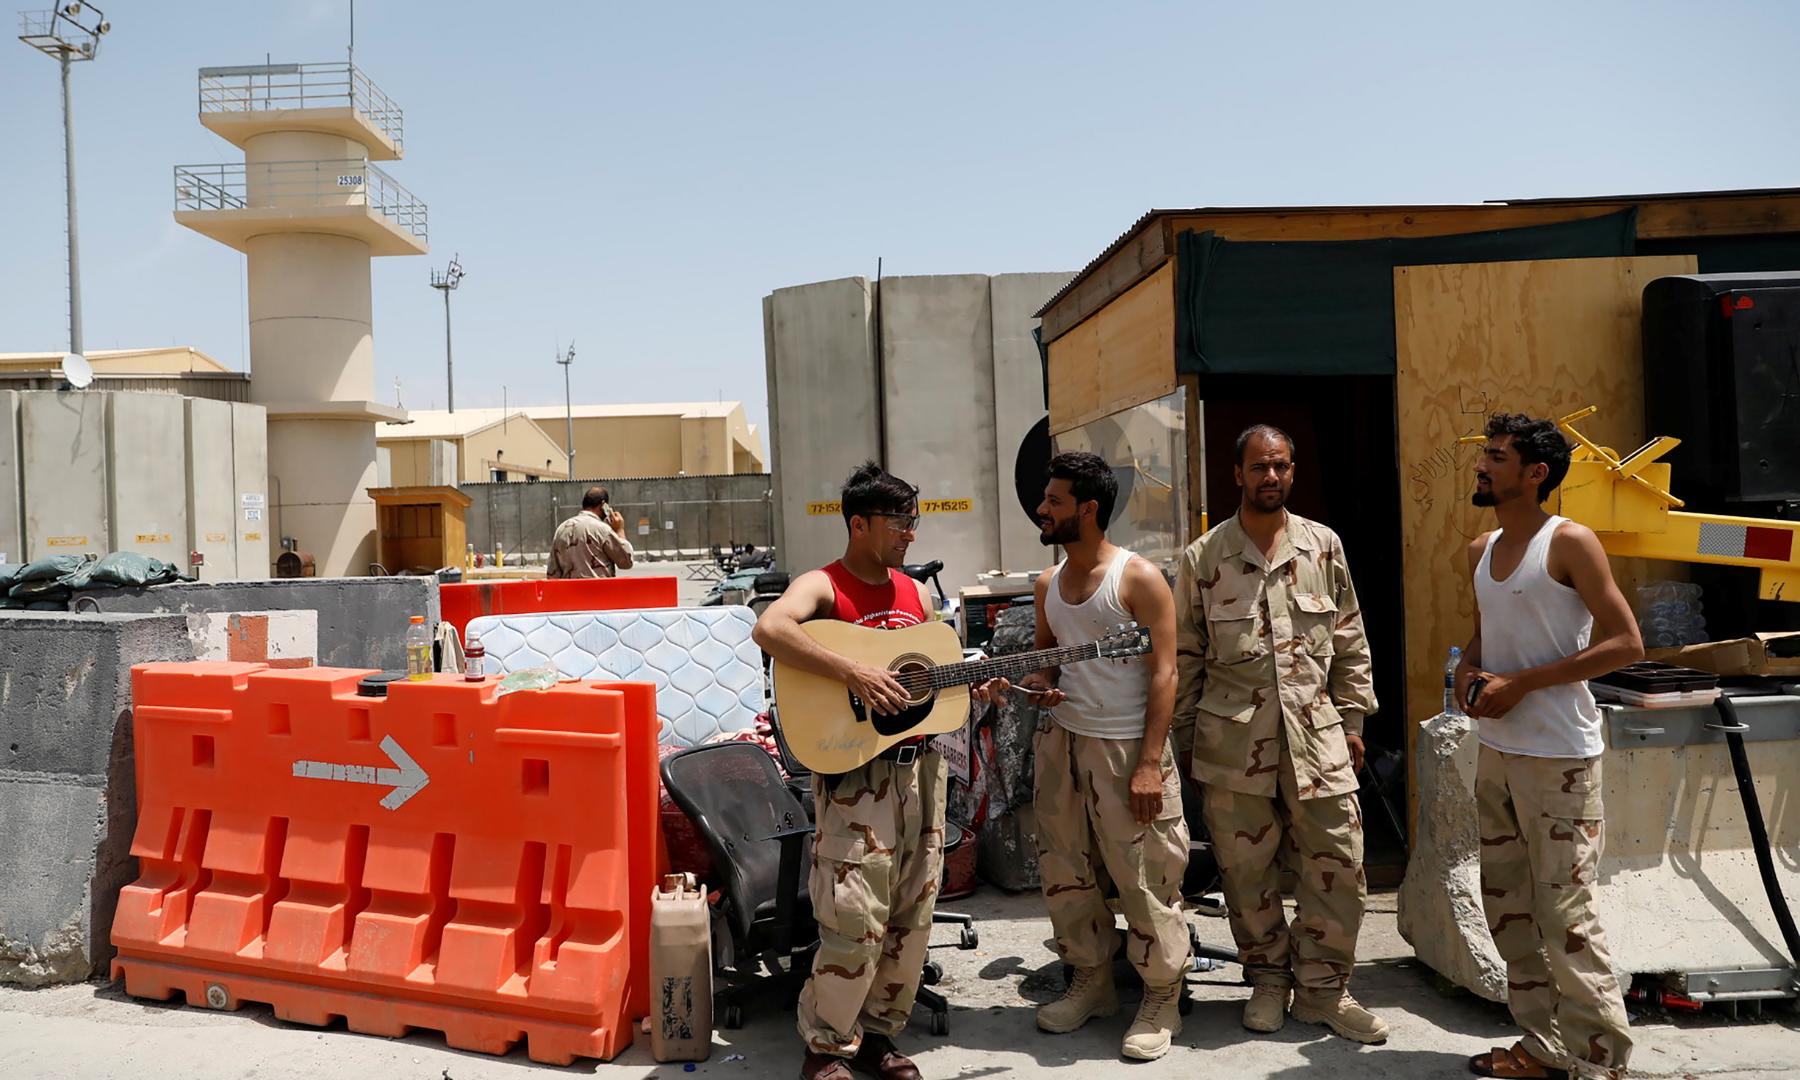 افغان فورسز کے اہلکار امریکی فوج کی جانب سے چھوڑے گئے گٹار استعمال کررہے ہیں—رائٹرز